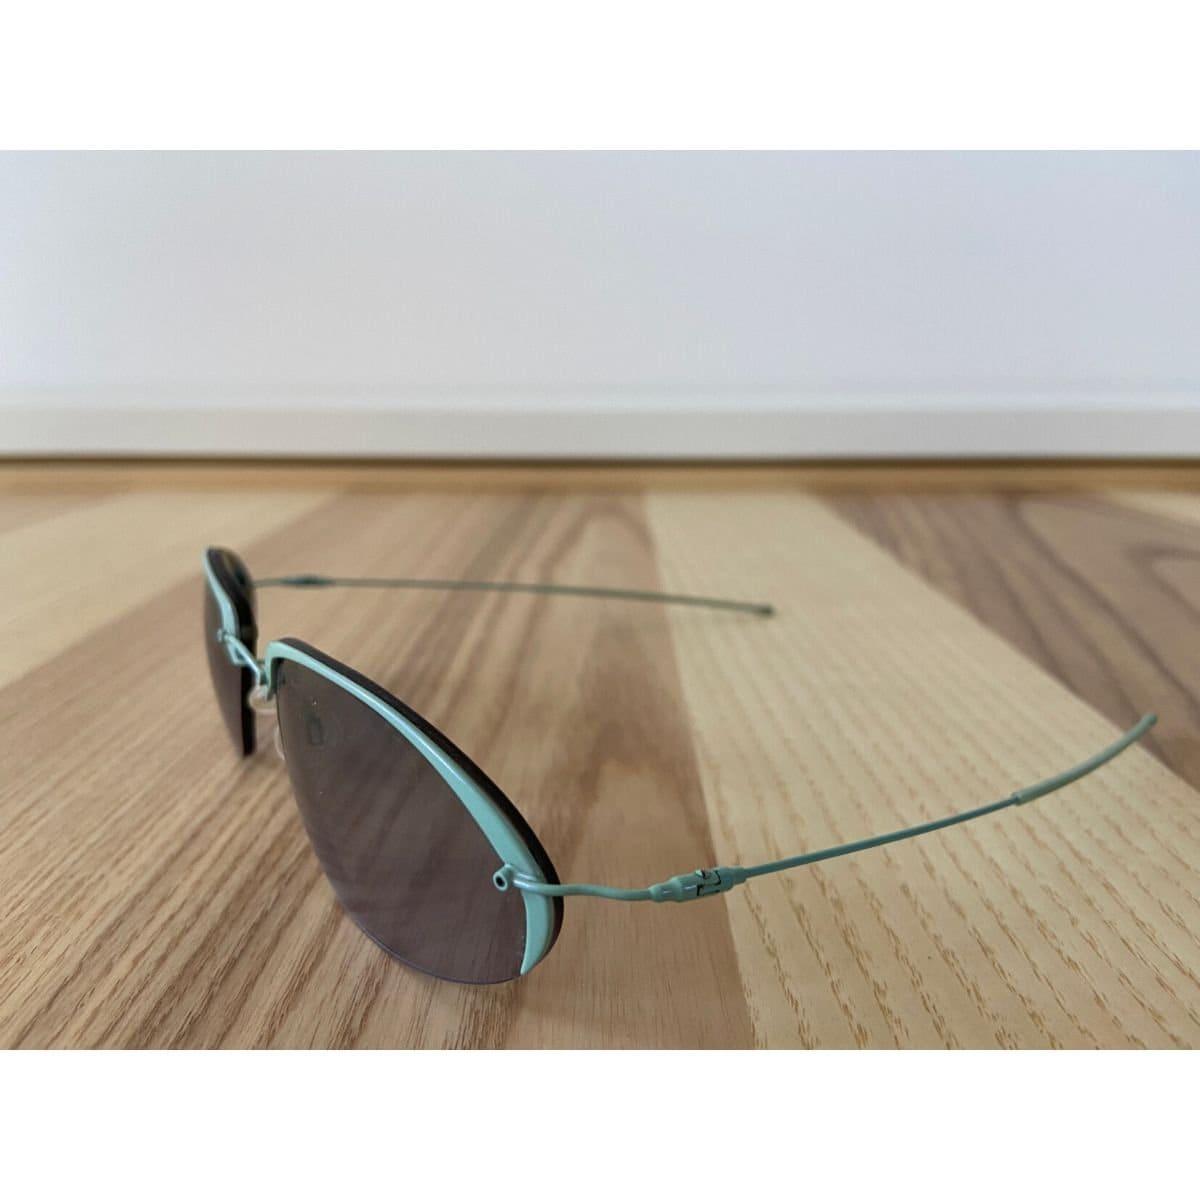 Lazi Eyeweaer SL402 gafas de sol vintage